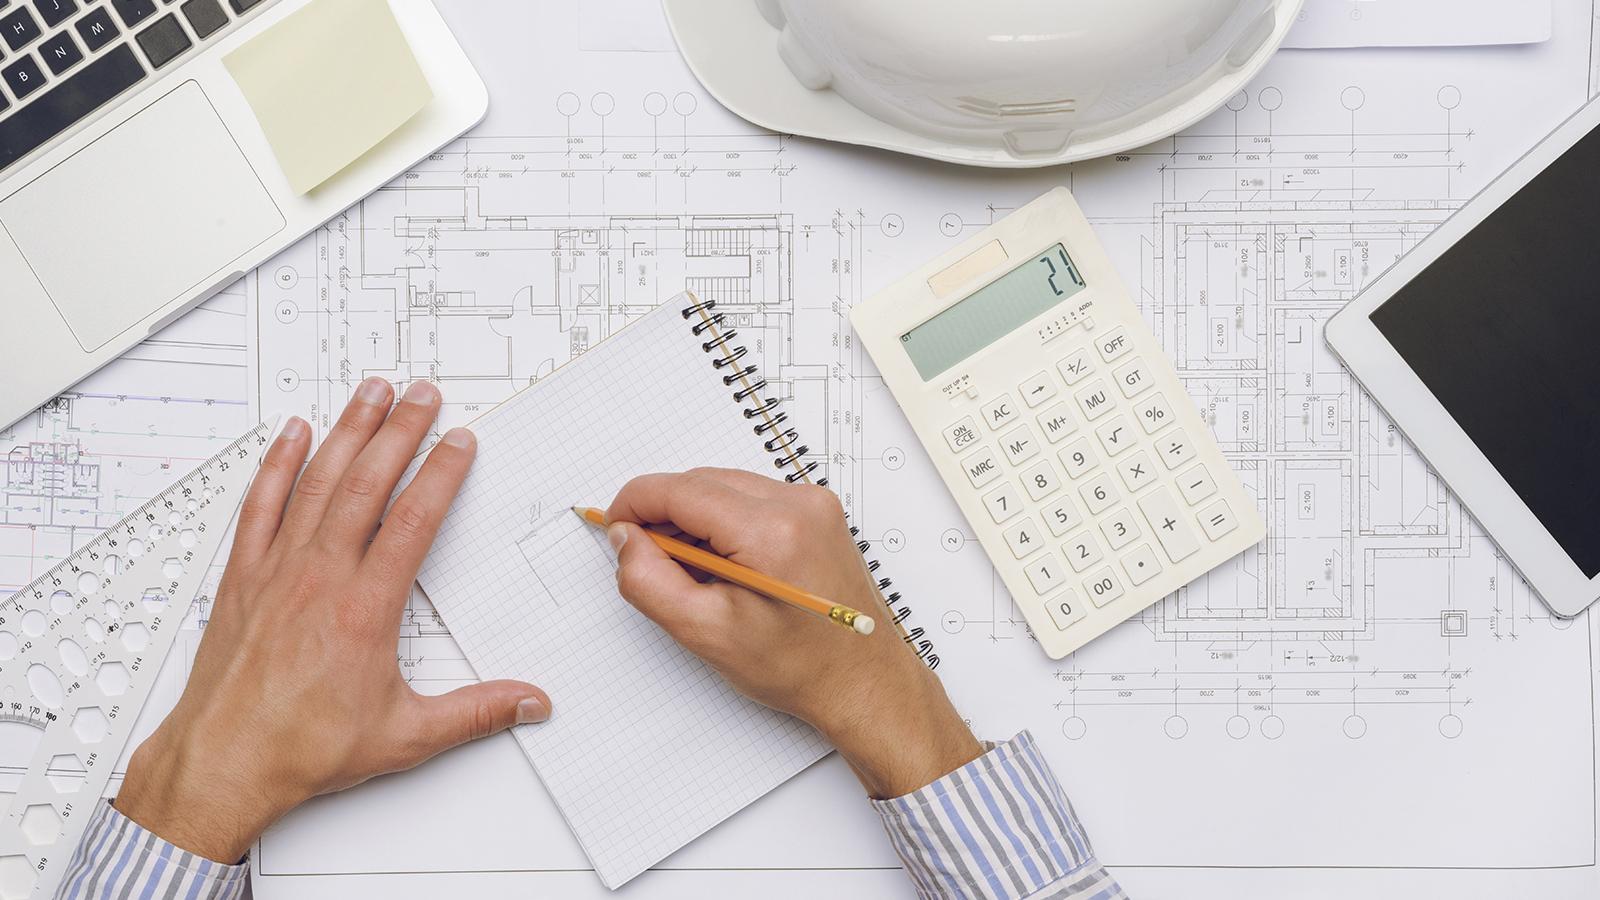 El diseño conceptual en la ingeniería civil y el transporte